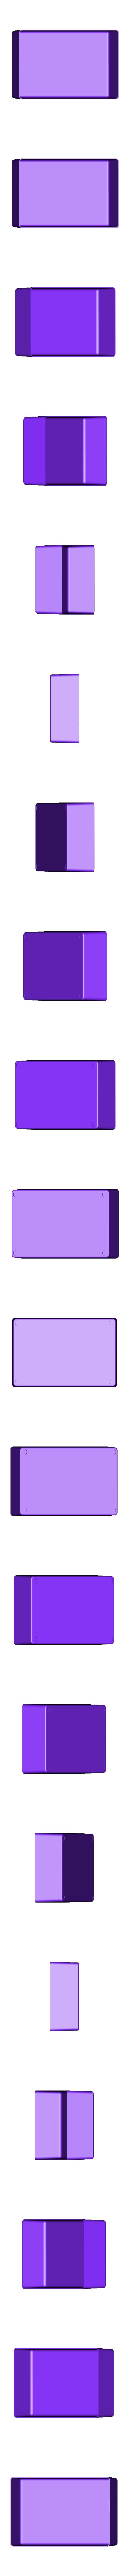 2-3__V1.stl Download STL file Allit Europlus organizer boxes • 3D printable model, baracuda86